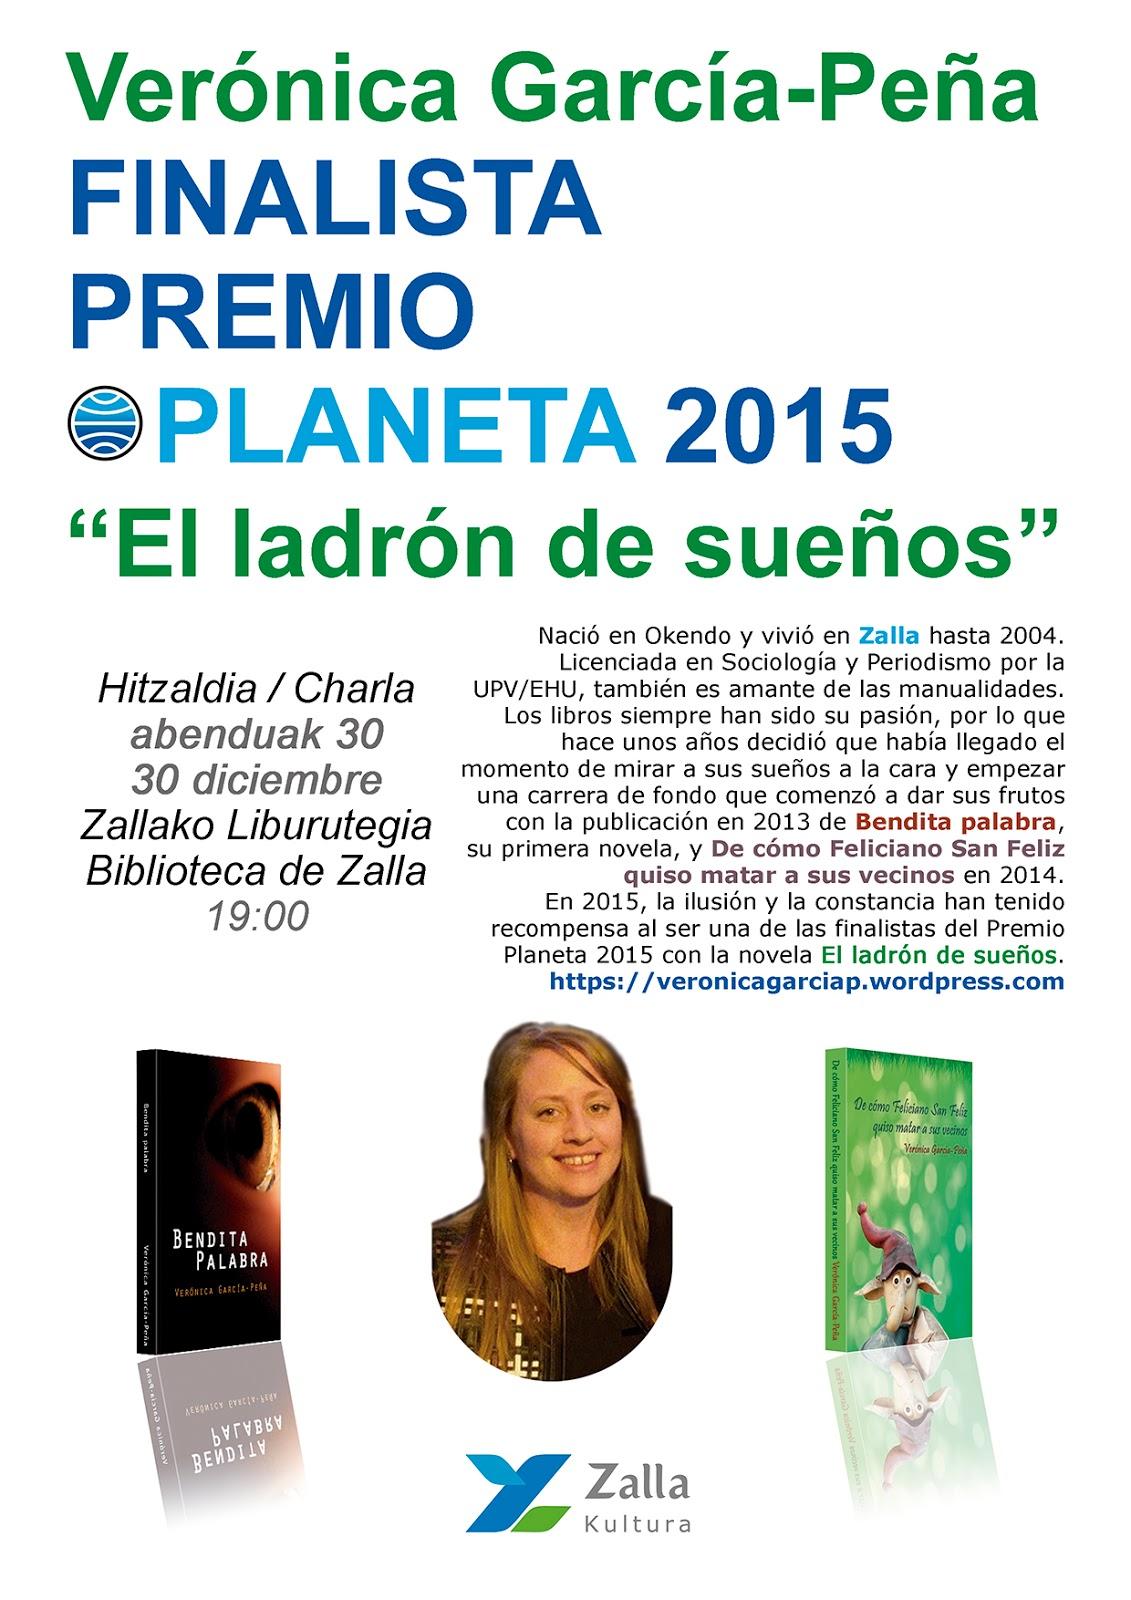 Verónica García-Peña, finalista del Premio Planeta 2015 (hitzaldia / charla  - abenduak 30 diciembre)